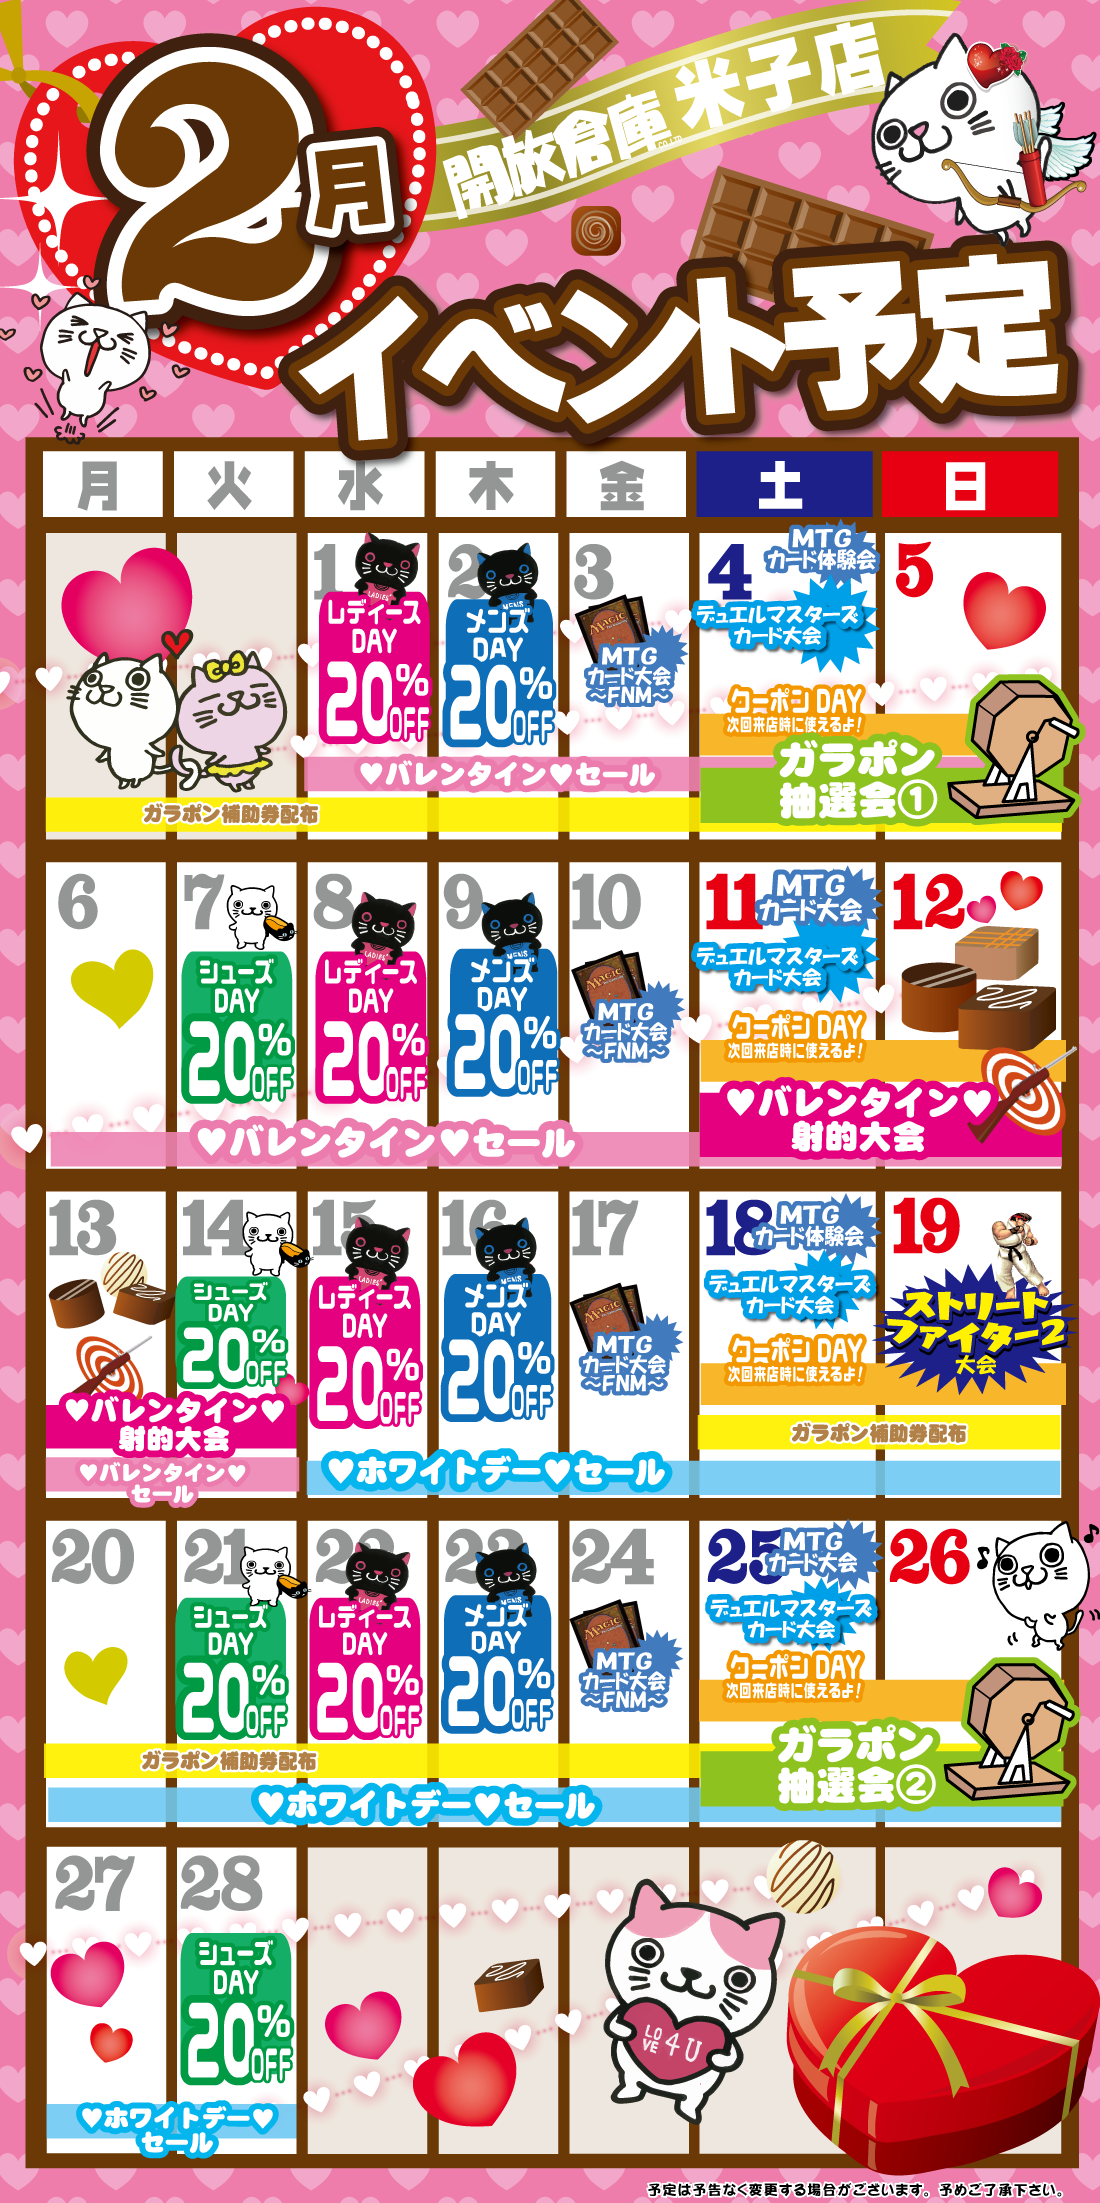 「開放倉庫米子店」2017年2月のイベント情報を公開っ!!